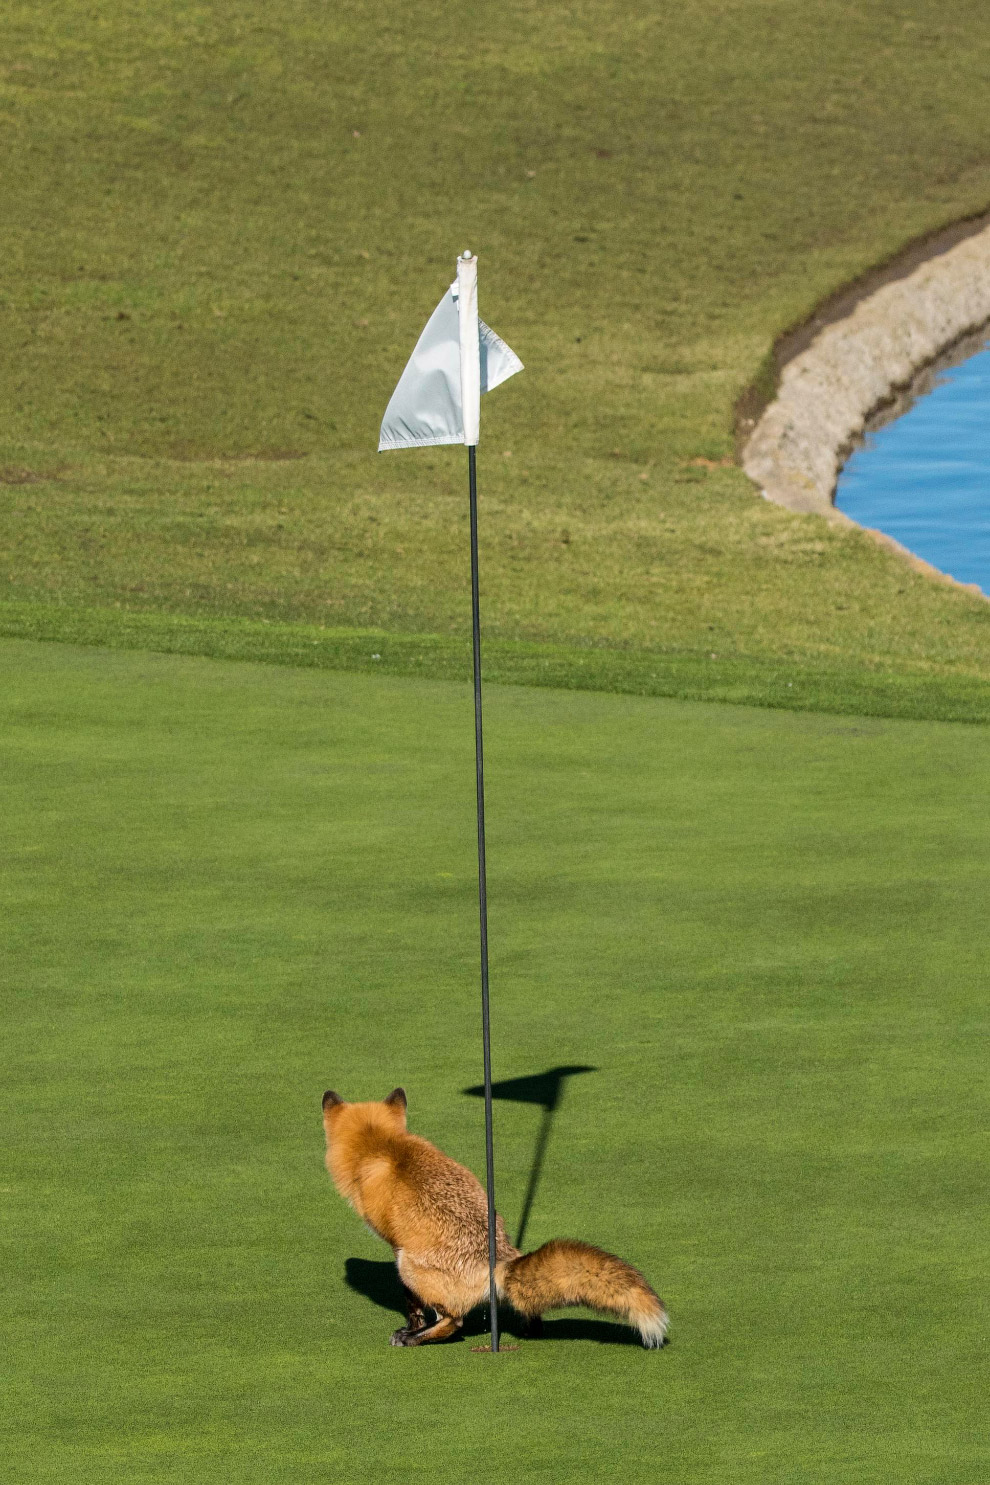 9. Смешная шутка. Гиеновидные собаки в Африке. (Фото Tina Stehr | Comedy Wildlife Photography Awards